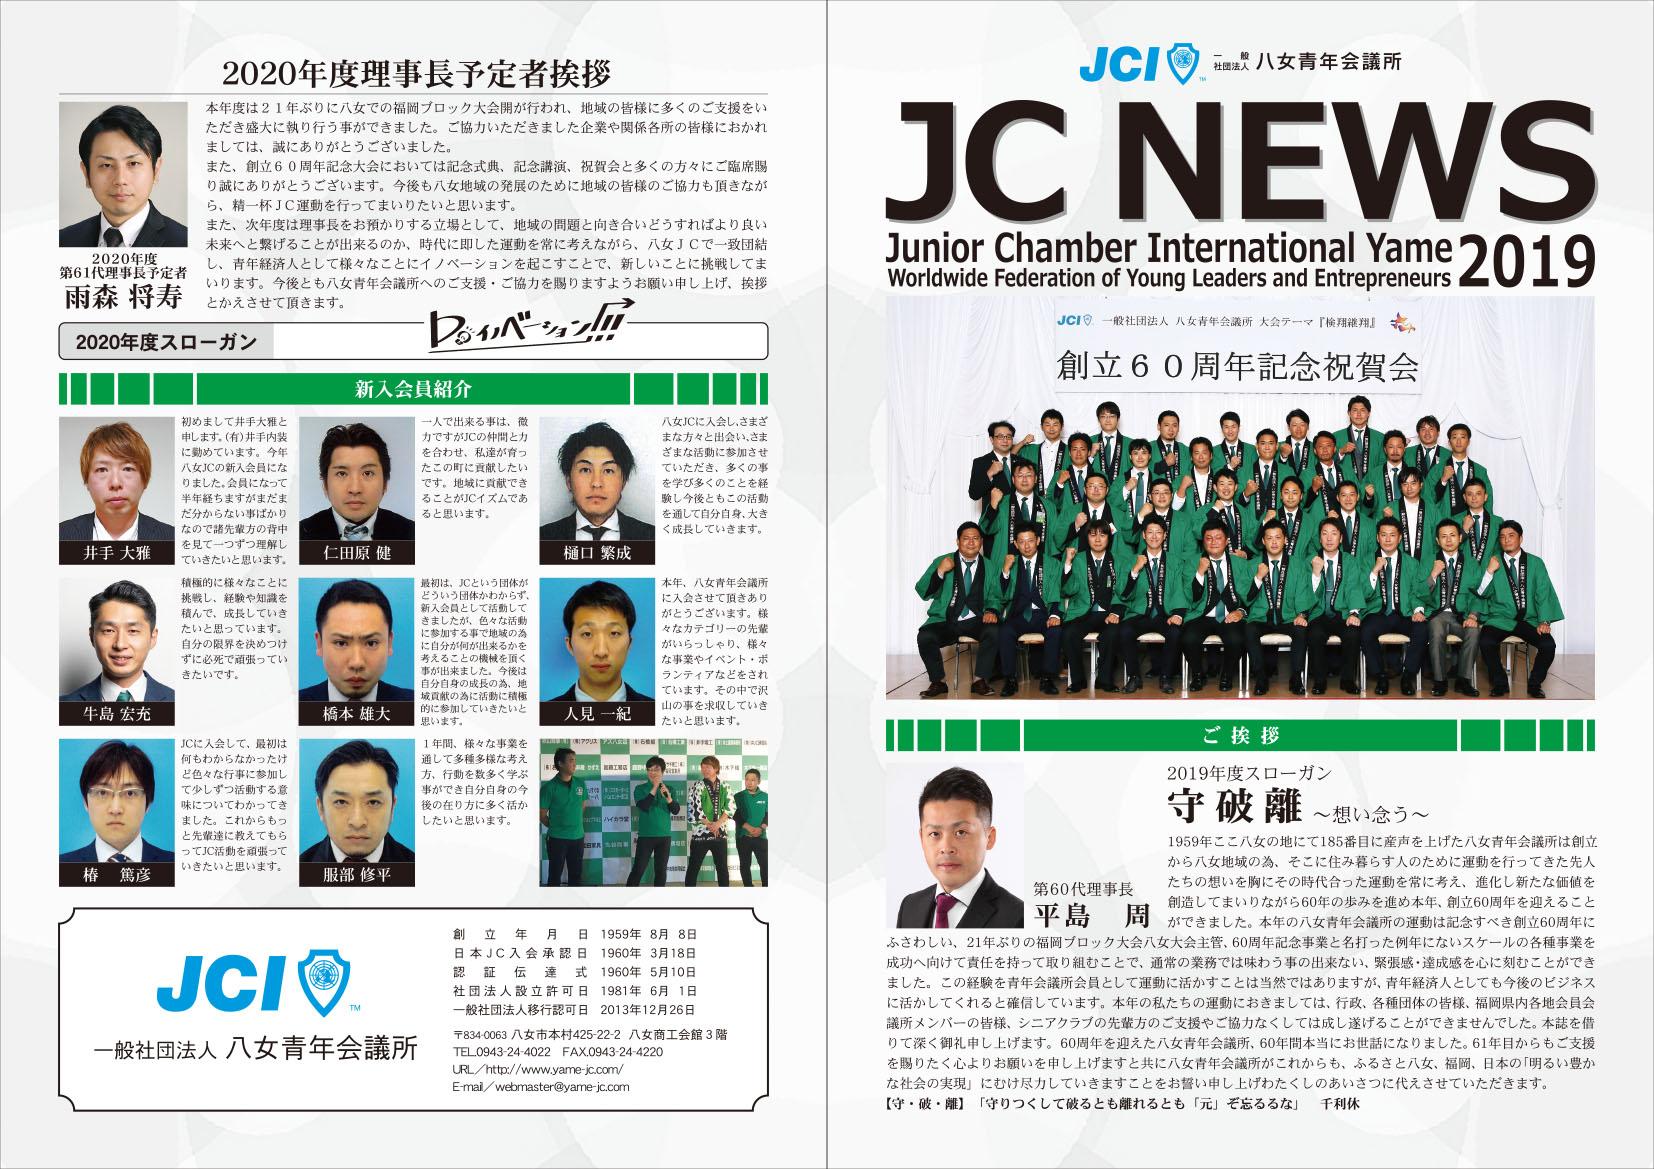 2019年度事業(JCニュース)